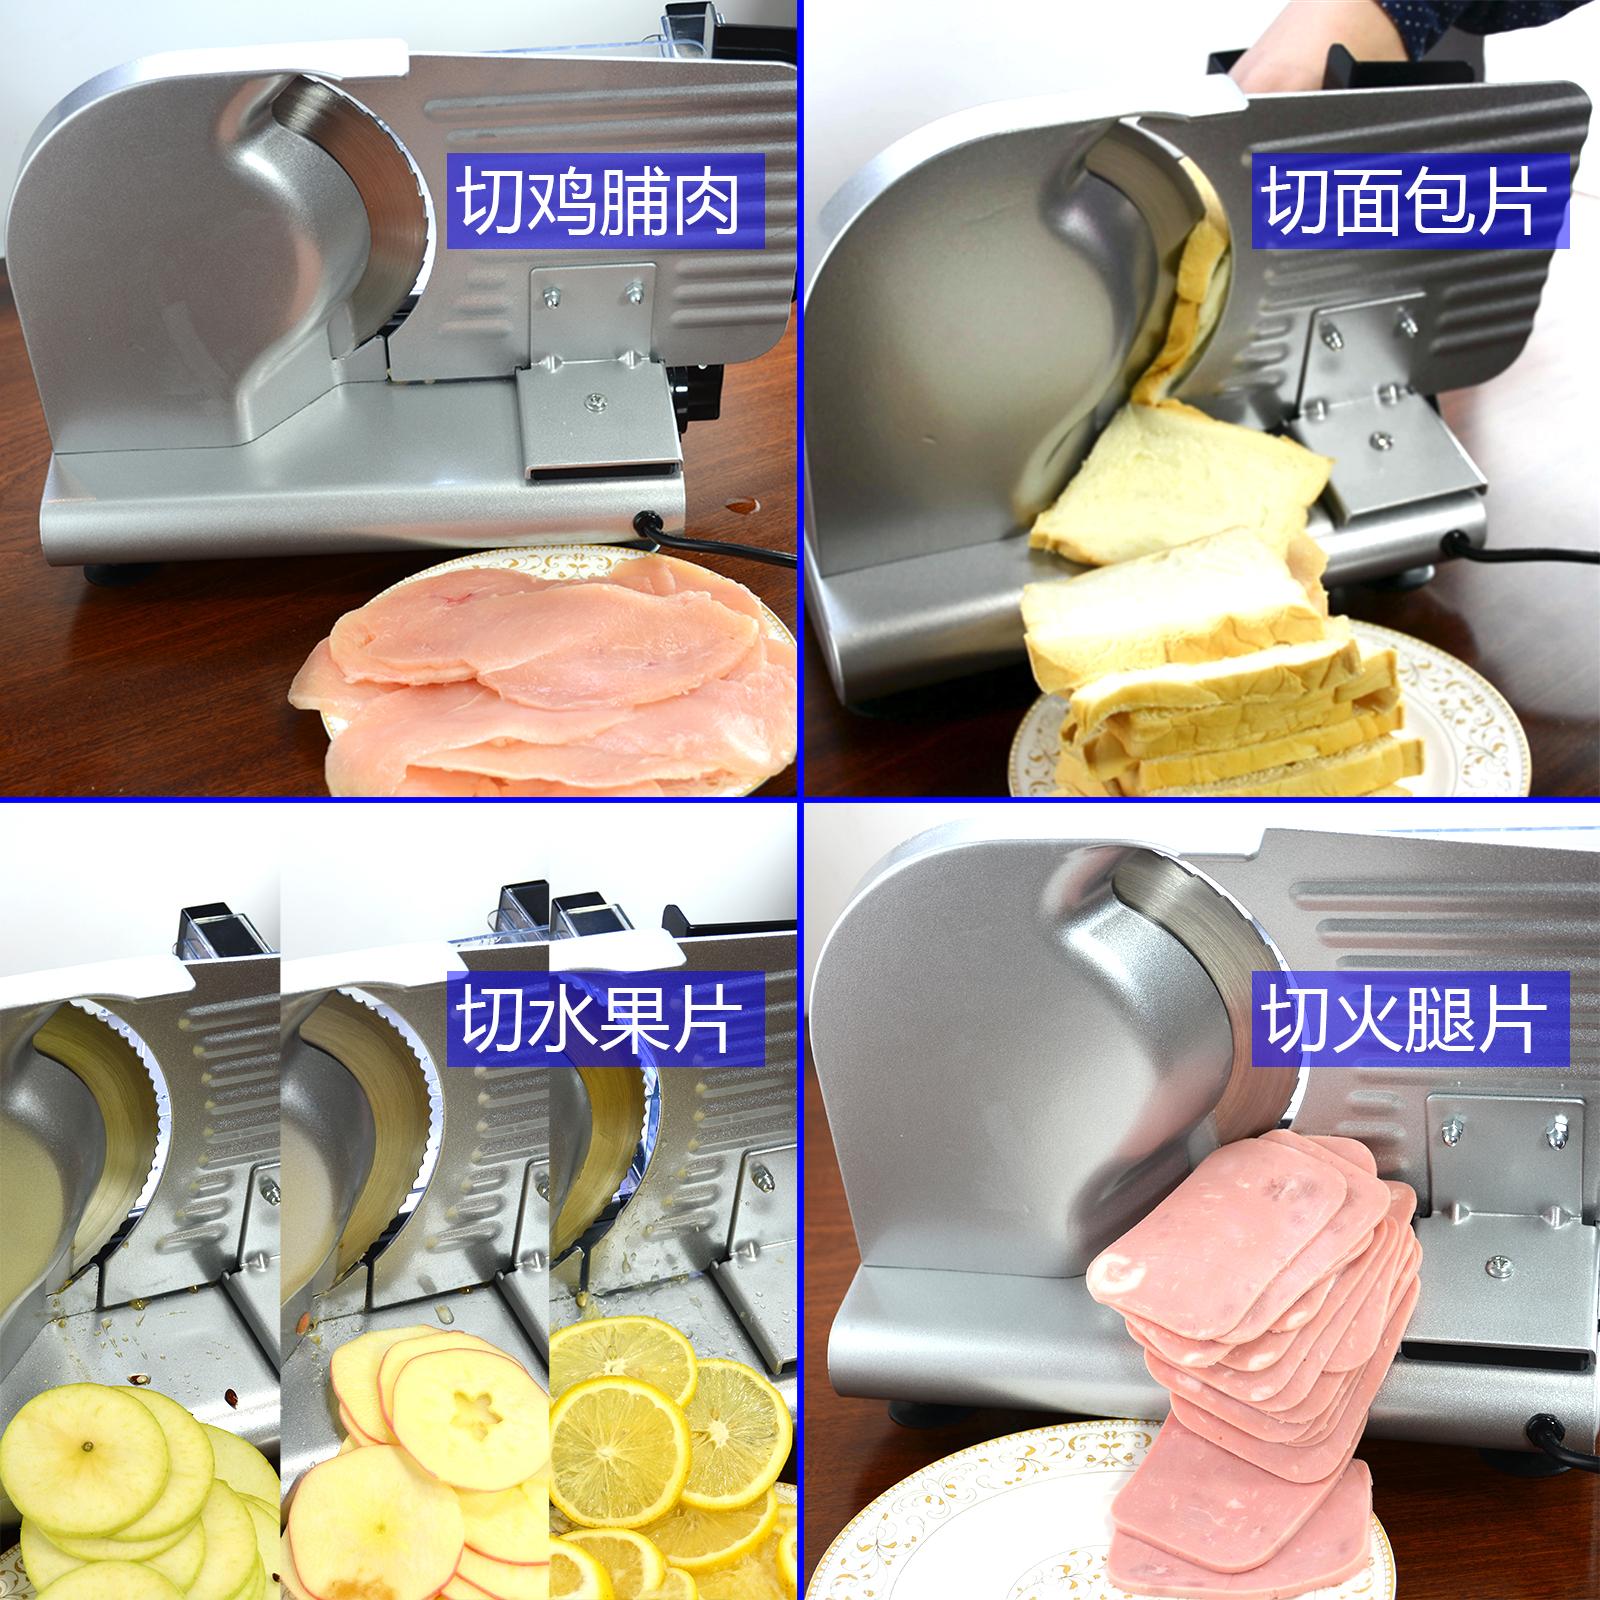 科美勒羊肉切片机家用电动小型商用不锈钢手动冻牛肉切肉机 komle